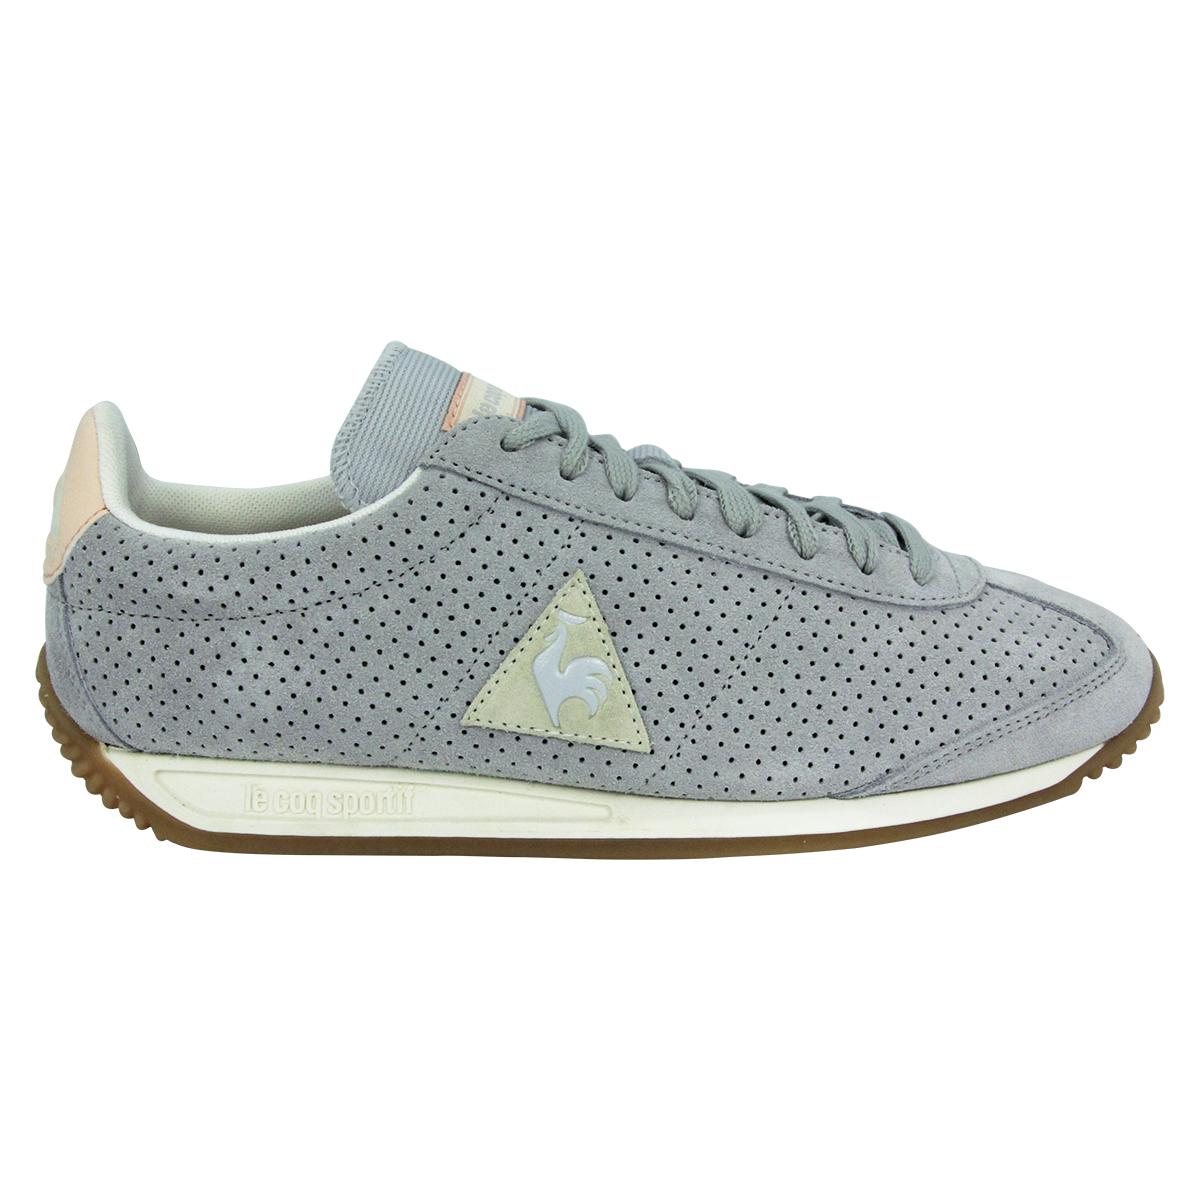 d4245fb2fb62 Le Coq Sportif QUARTZ PREMIUM Men Sneakers Shoes